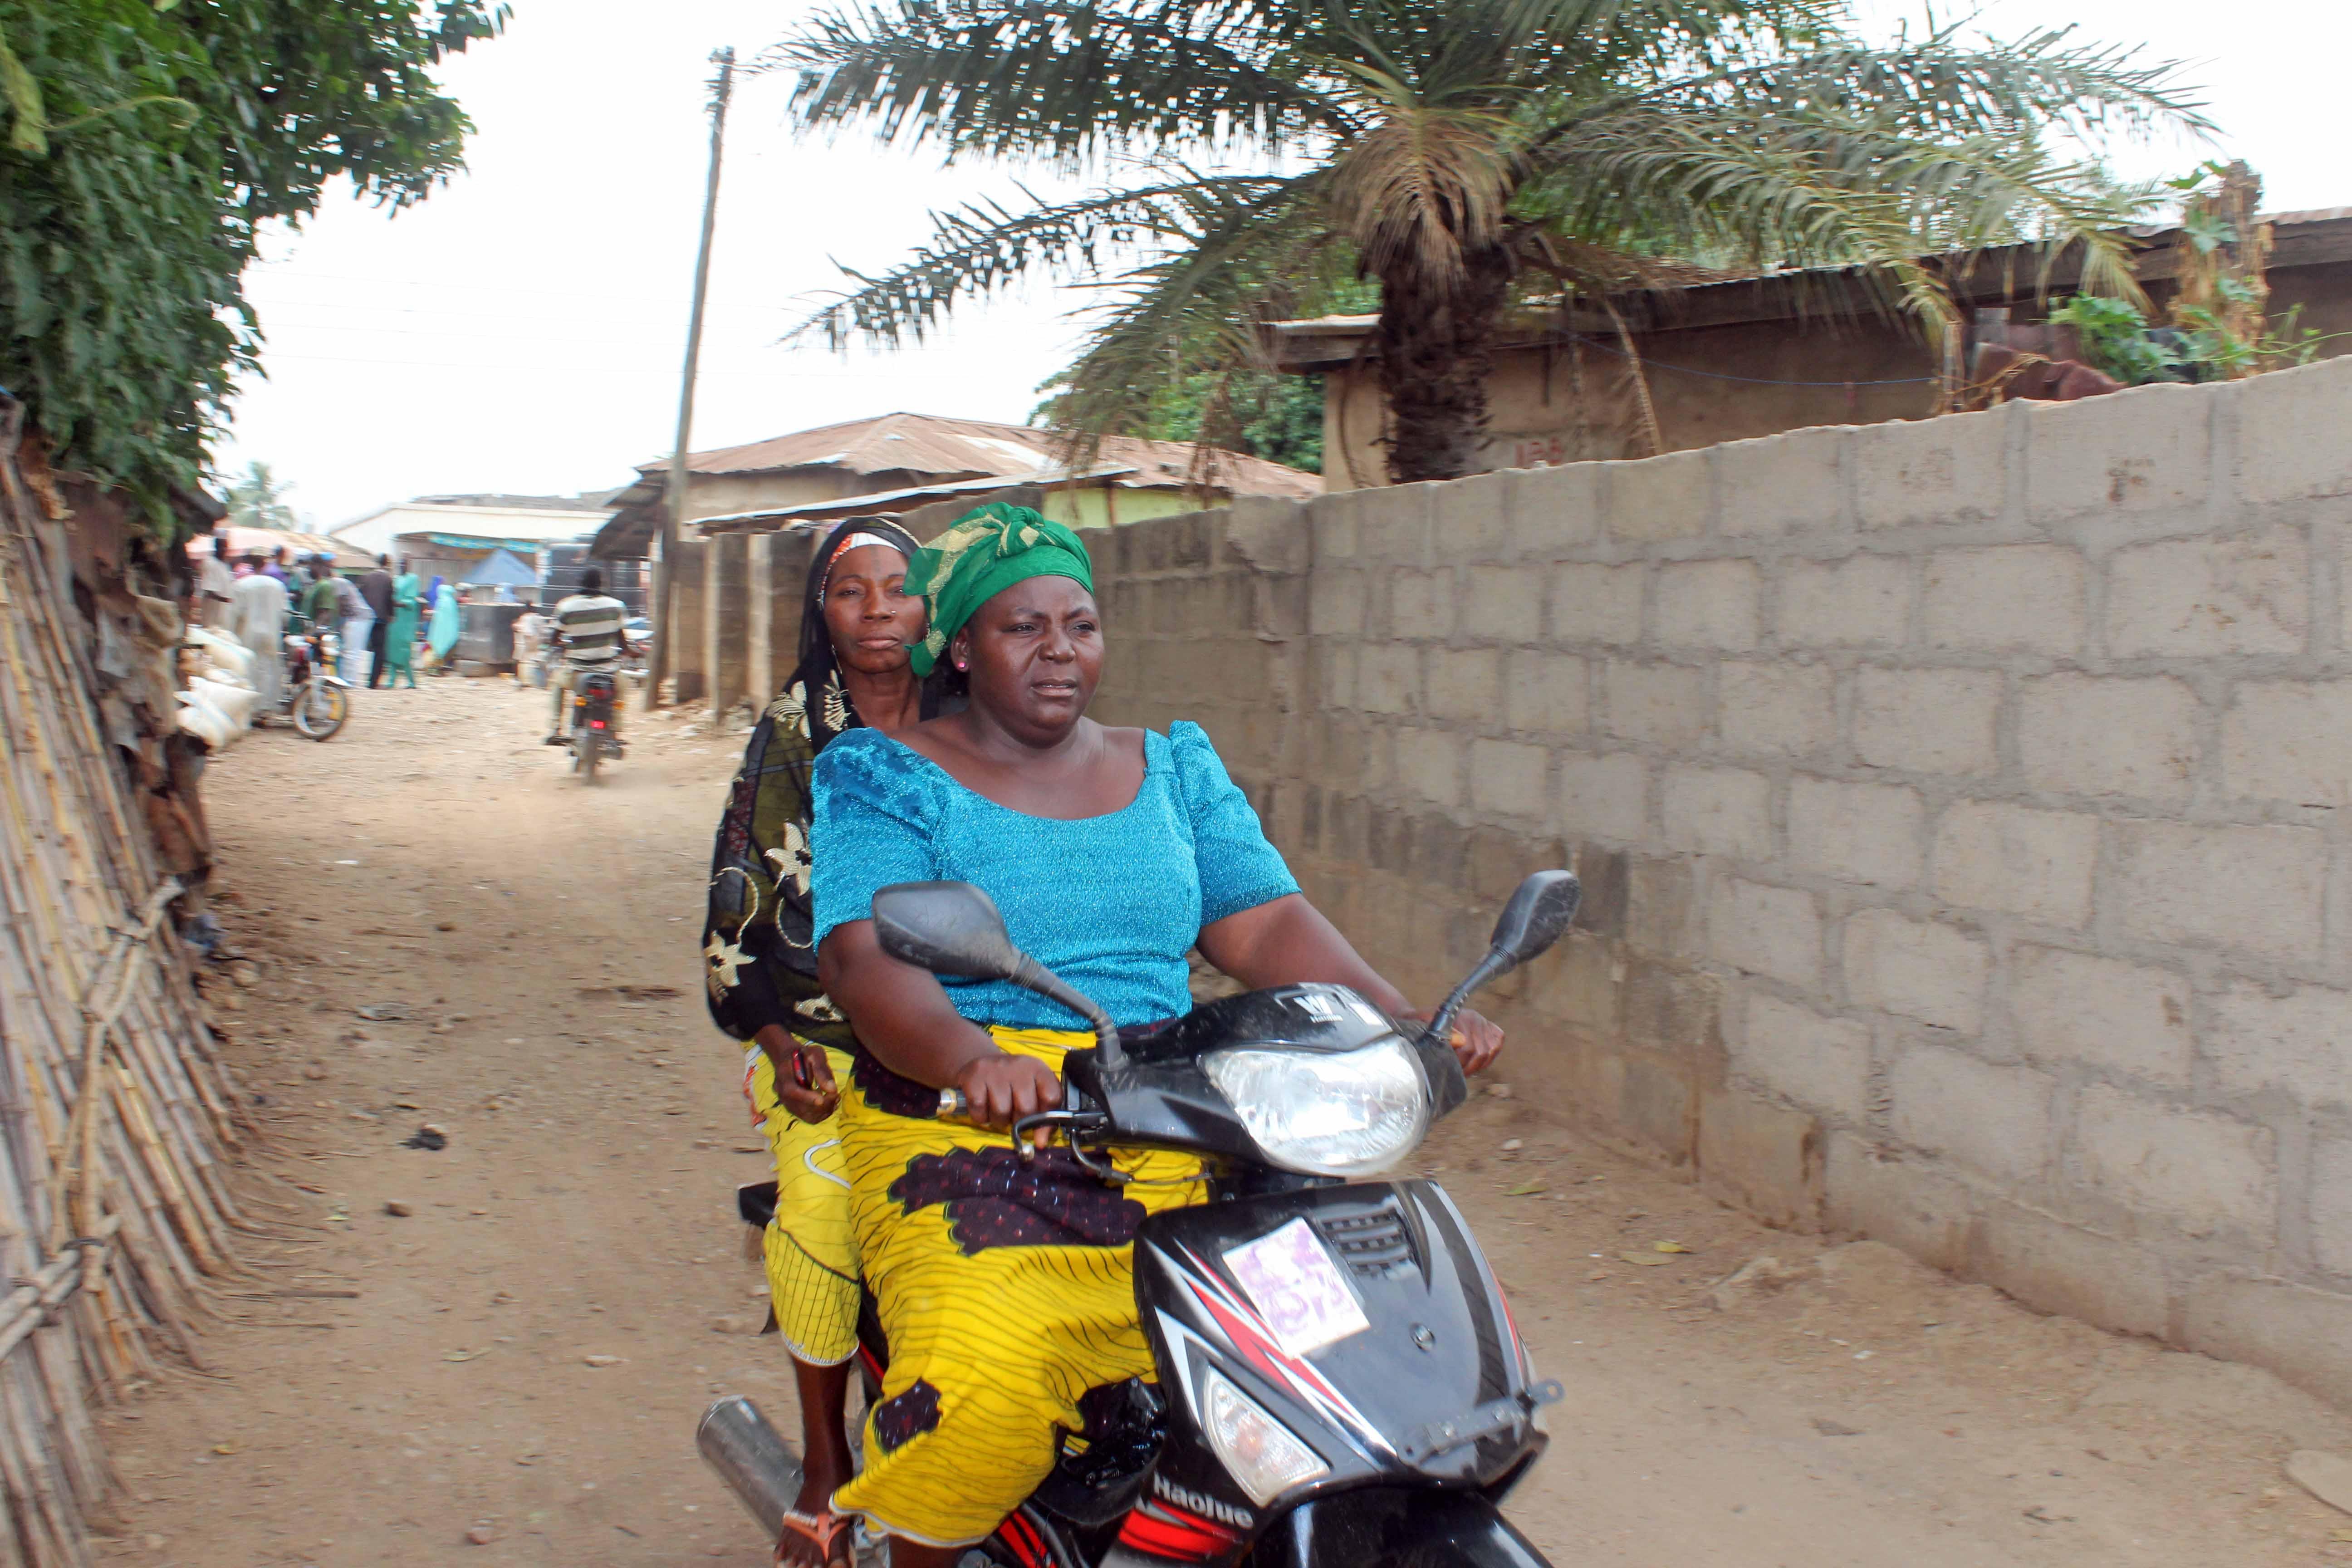 Motorcycling in Nasarawa Eggon